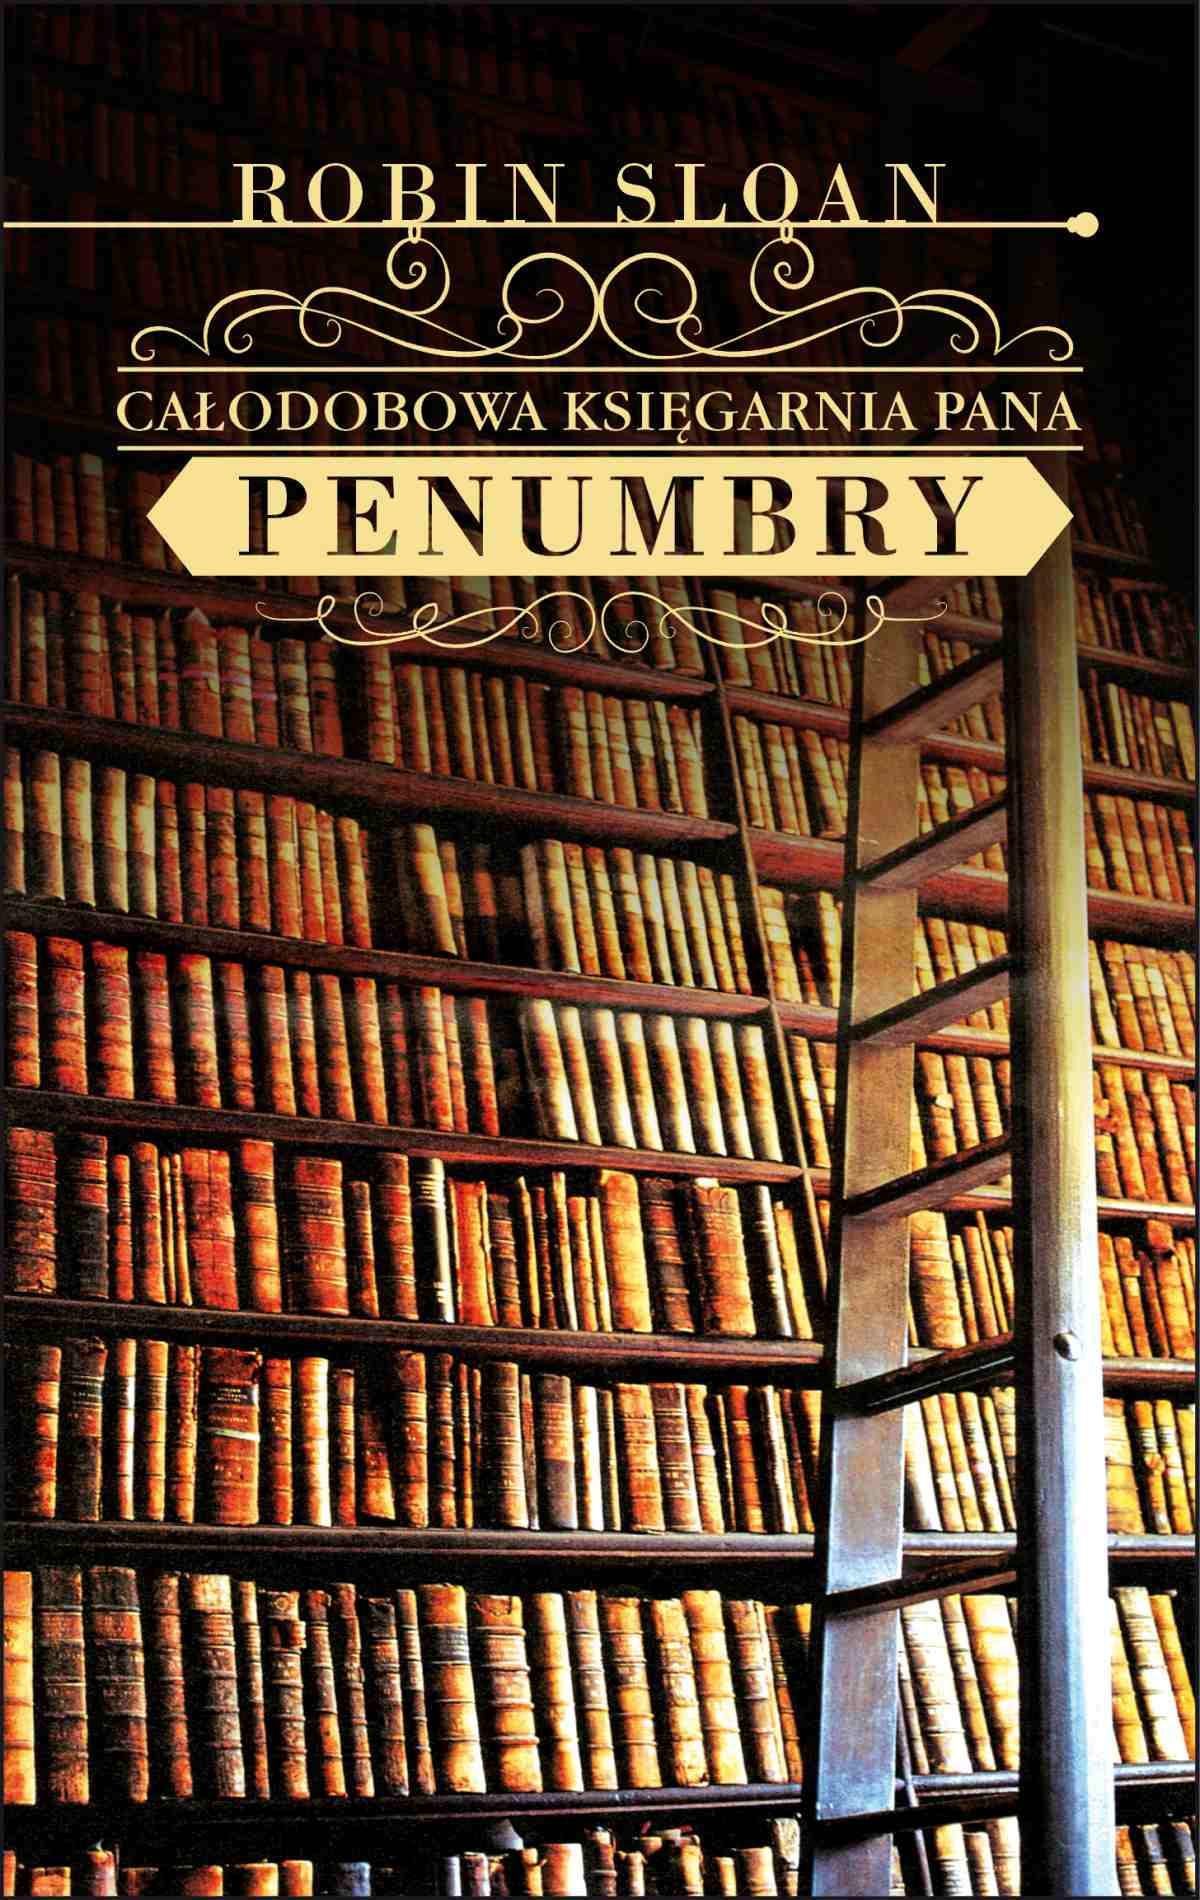 Całodobowa księgarnia Pana Penumbry - Ebook (Książka EPUB) do pobrania w formacie EPUB